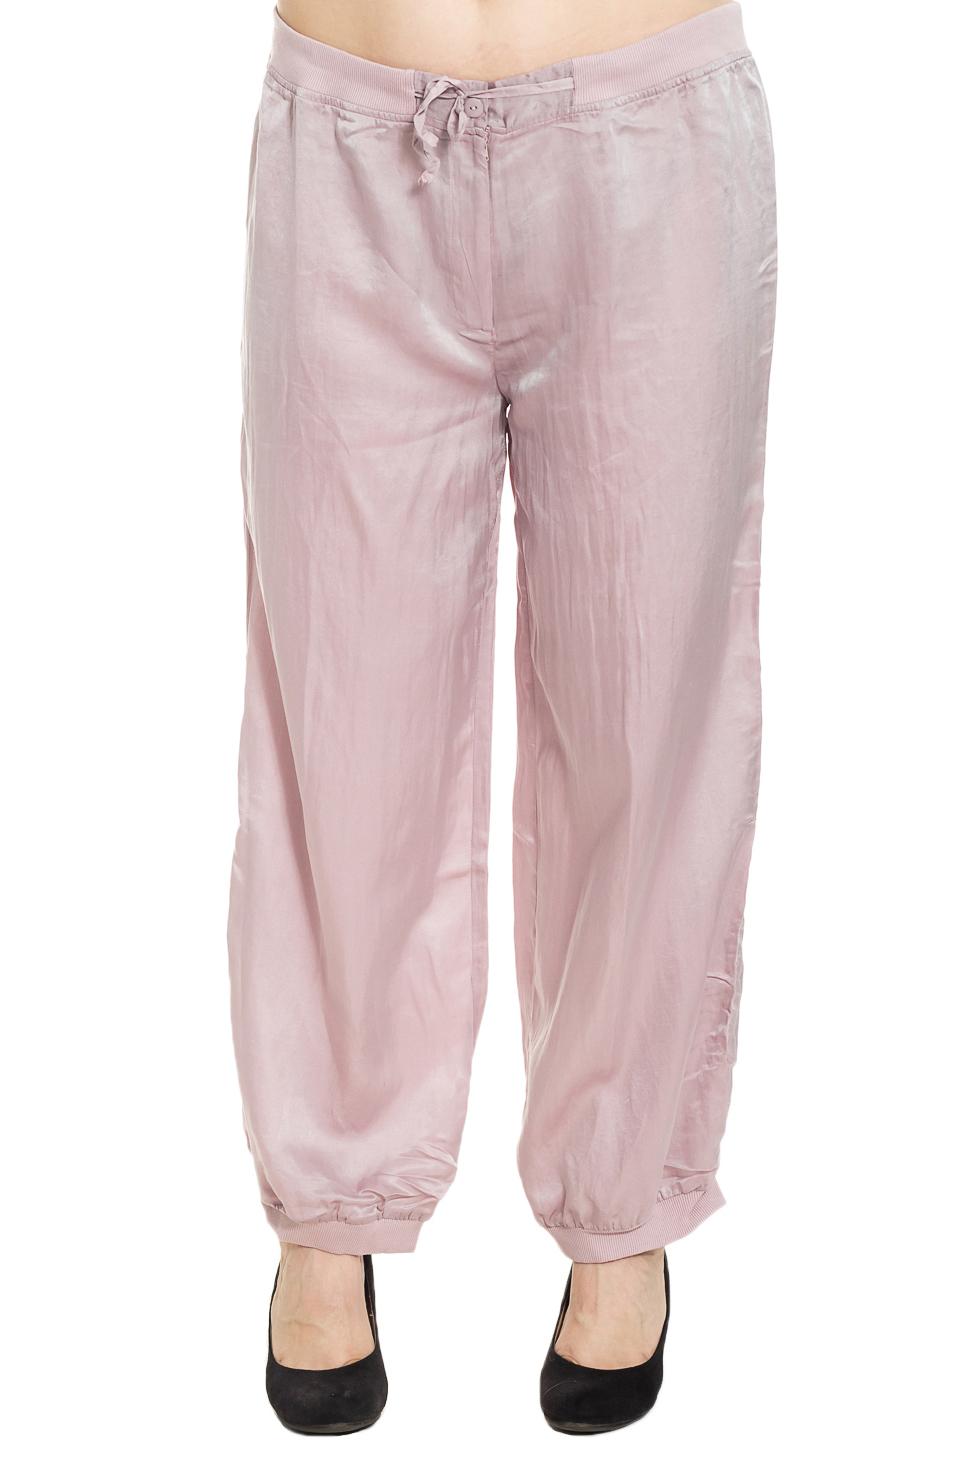 БрюкиБрюки<br>Универсальные брюки из приятного материала. Отличный выбор для повседневного гардероба.  Цвет: розовый  Рост девушки-фотомодели 180 см.<br><br>По длине: Удлиненные<br>По материалу: Шелк<br>По образу: Город,Свидание<br>По рисунку: Однотонные<br>По силуэту: Полуприталенные<br>По стилю: Повседневный стиль<br>По элементам: С резинкой<br>По сезону: Лето<br>Размер : 44,46,48,50,54,60,64,68<br>Материал: Шелк<br>Количество в наличии: 23